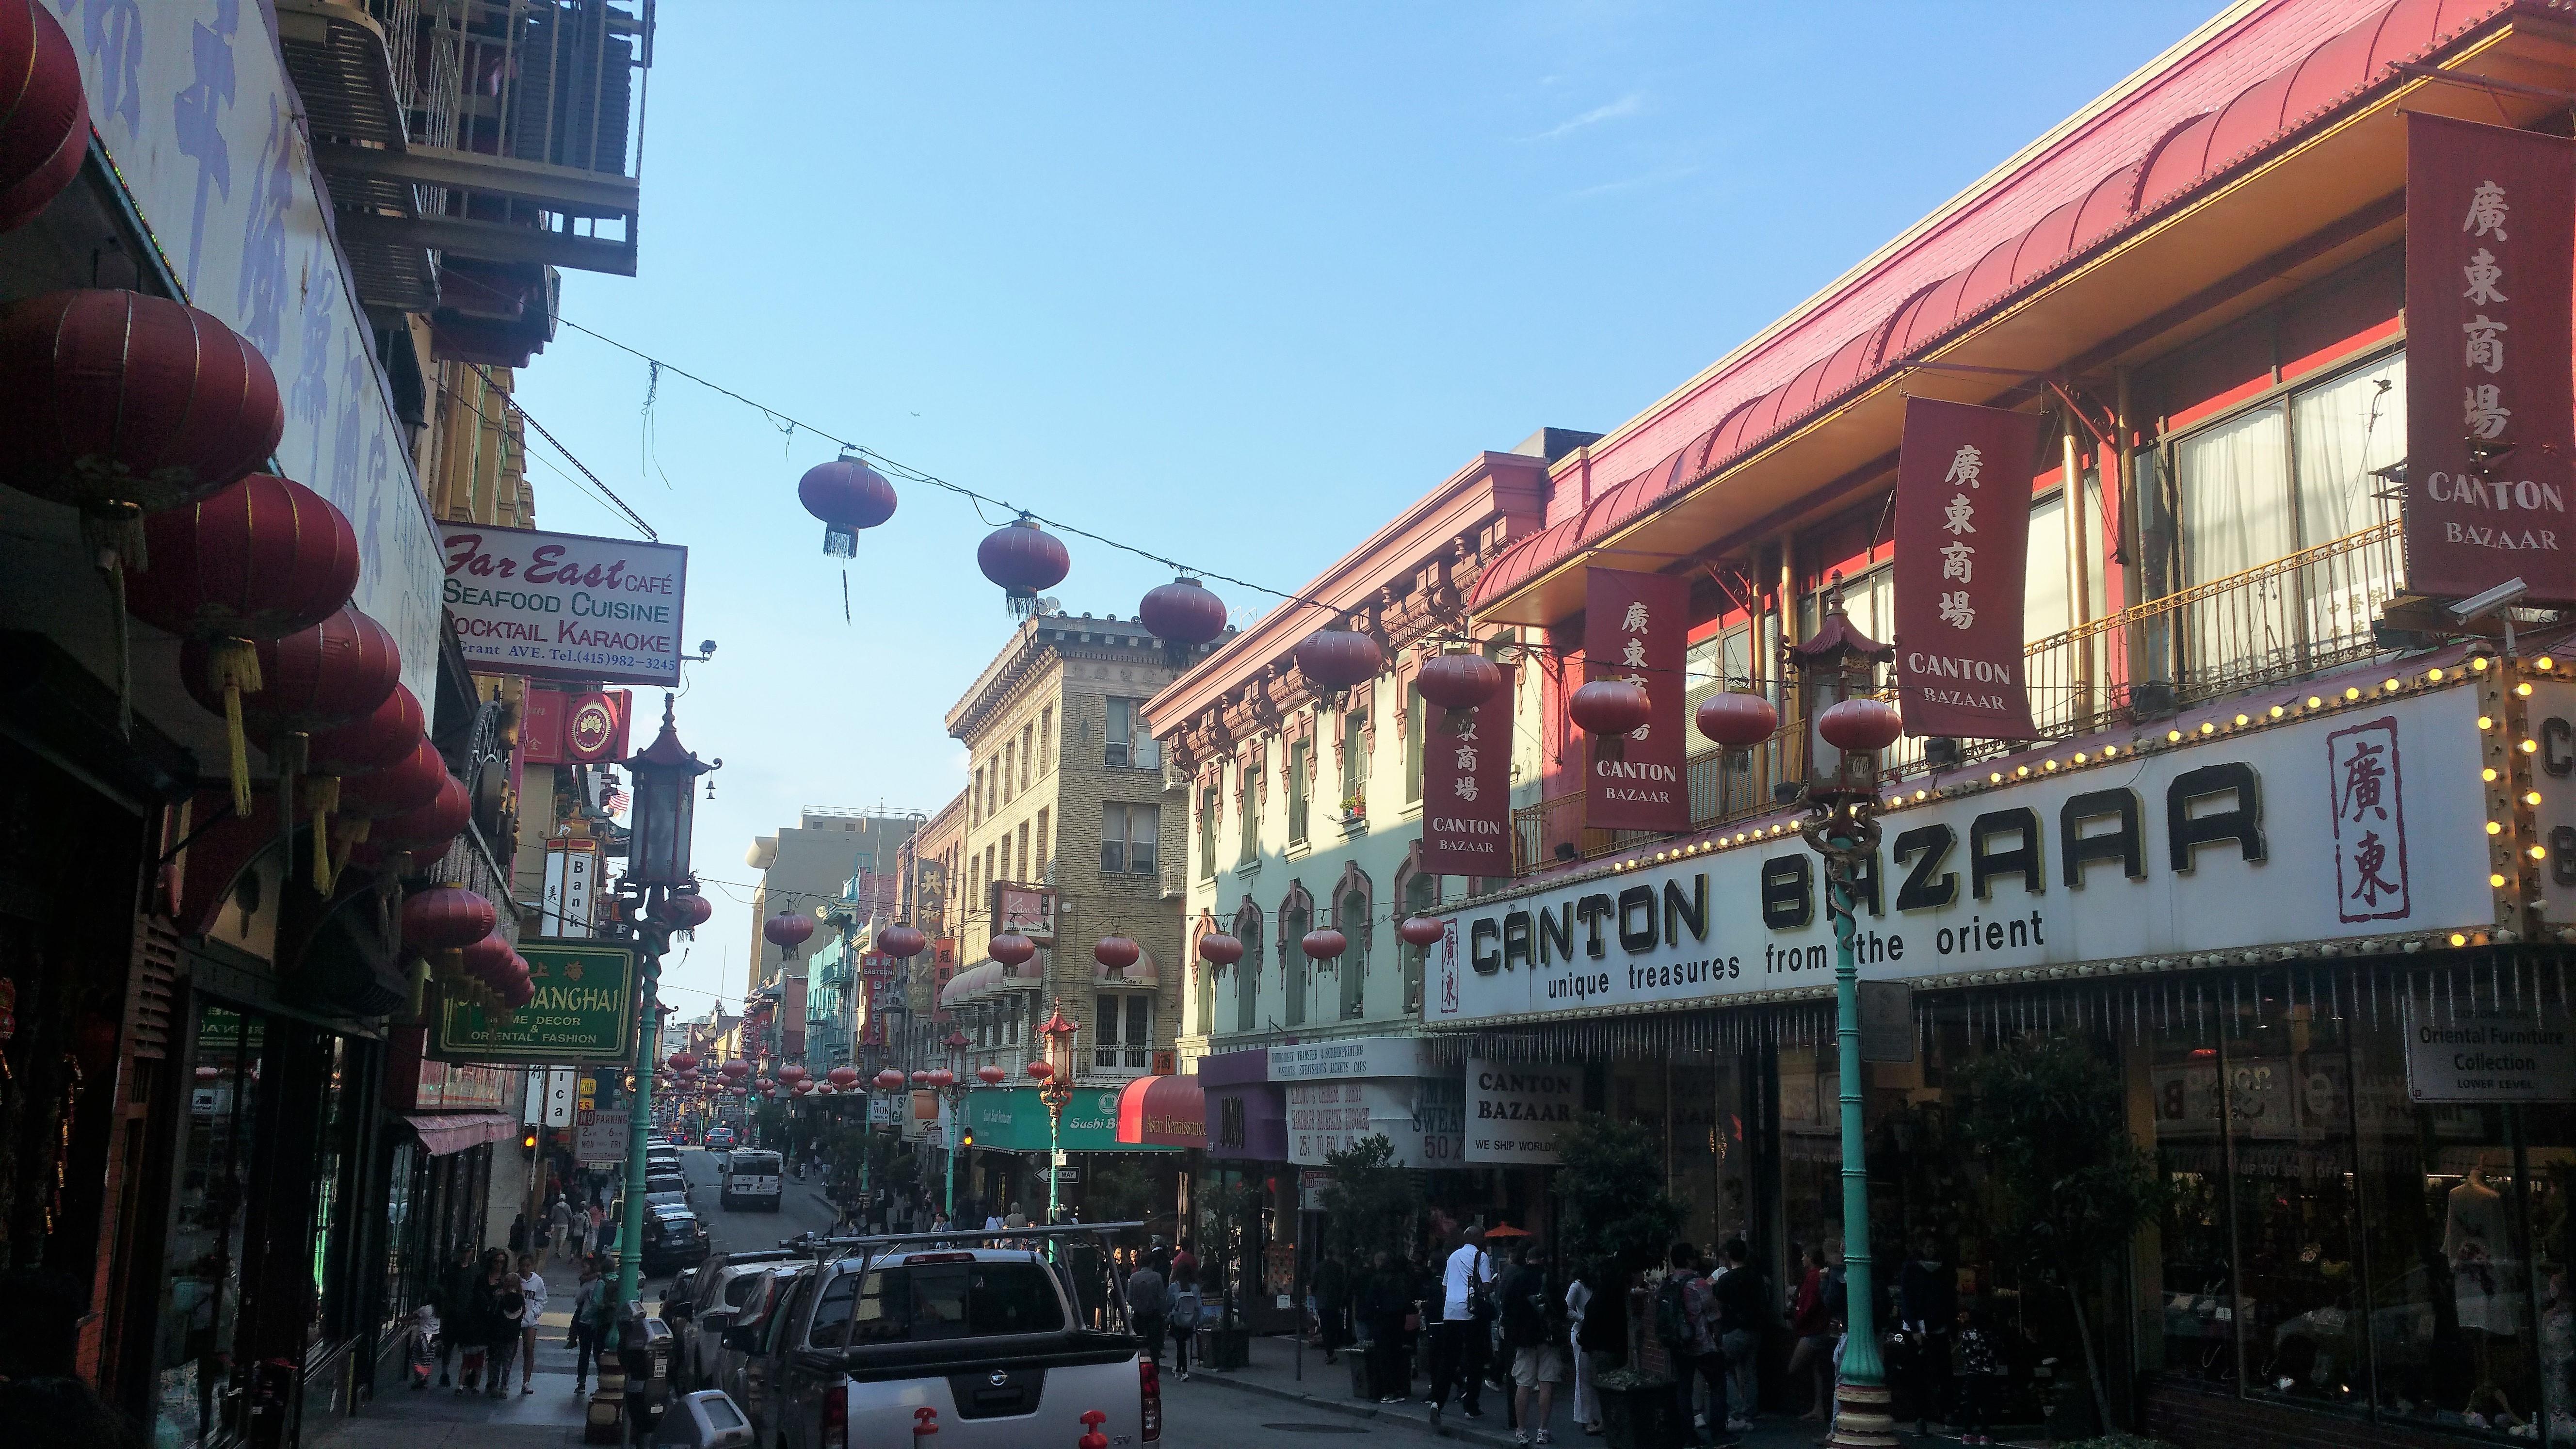 CHINA TOWN SAN FRANCISCO CALIFORNIA USA